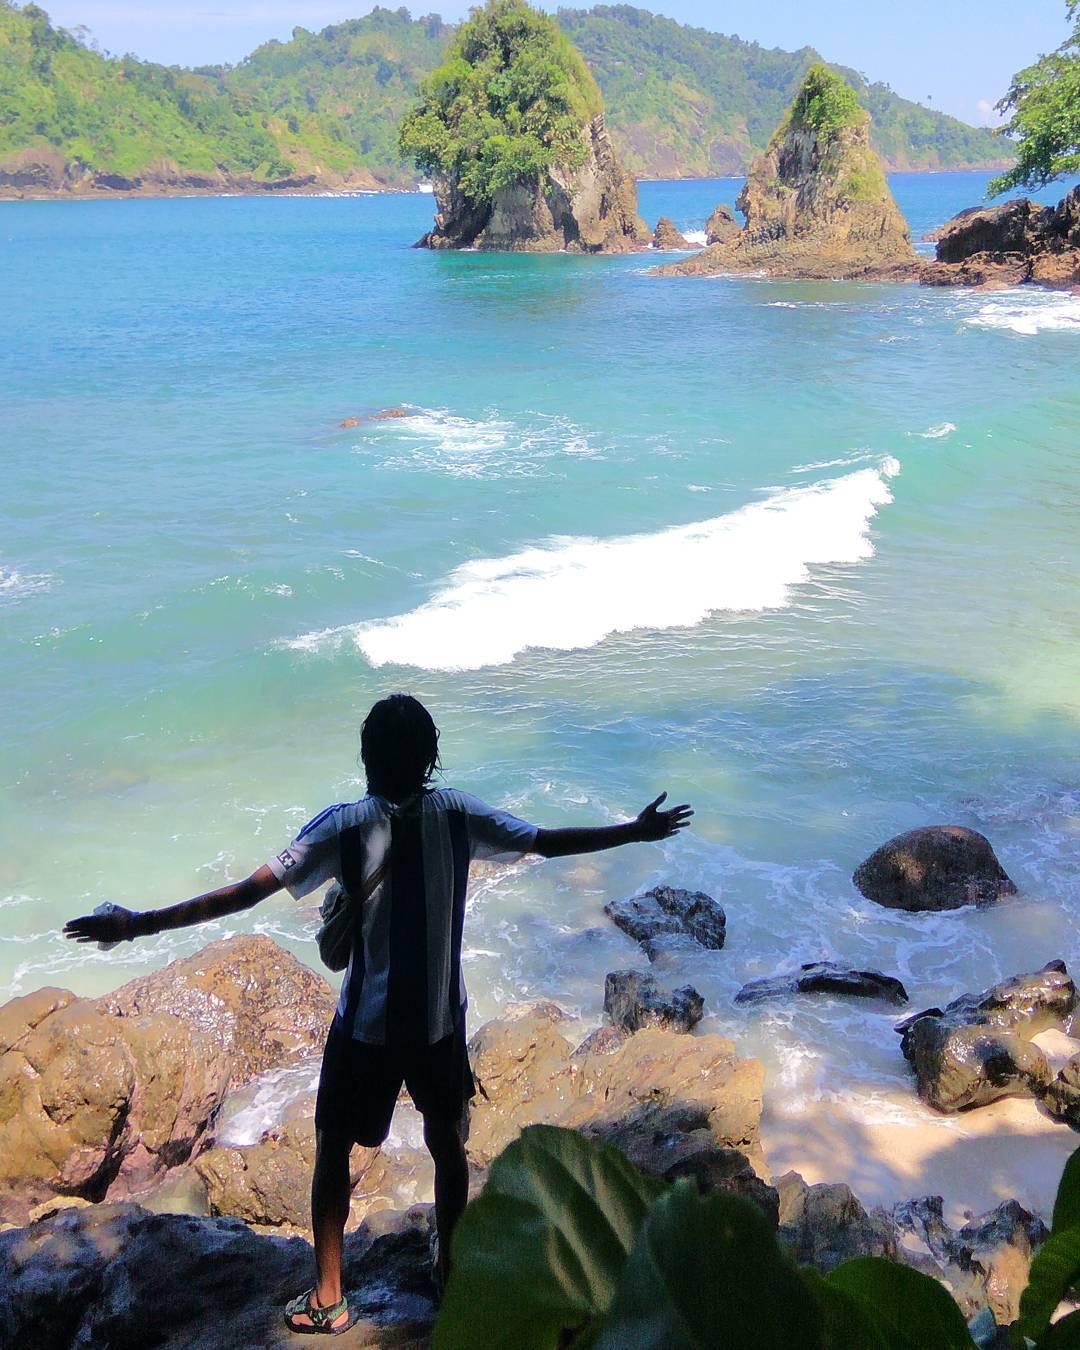 Pantai dengan Panorama yang Menggoda untuk Dieksplor, Malang, Kabupaten Malang, Dolan Dolen, Dolaners Pantai dengan Panorama yang Menggoda untuk Dieksplor via aditpermadih - Dolan Dolen